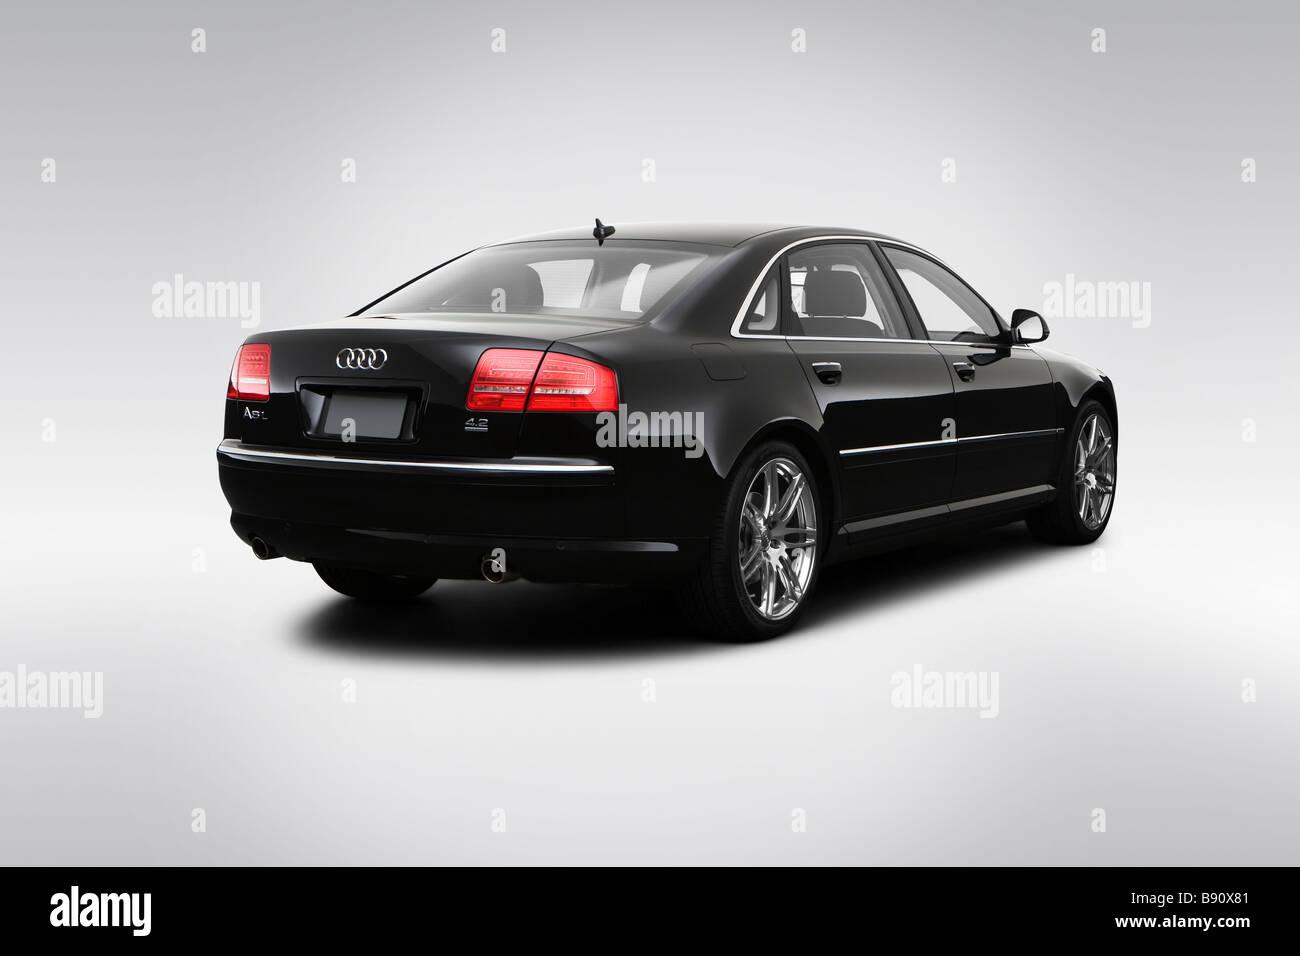 Kekurangan Audi A8 2009 Murah Berkualitas